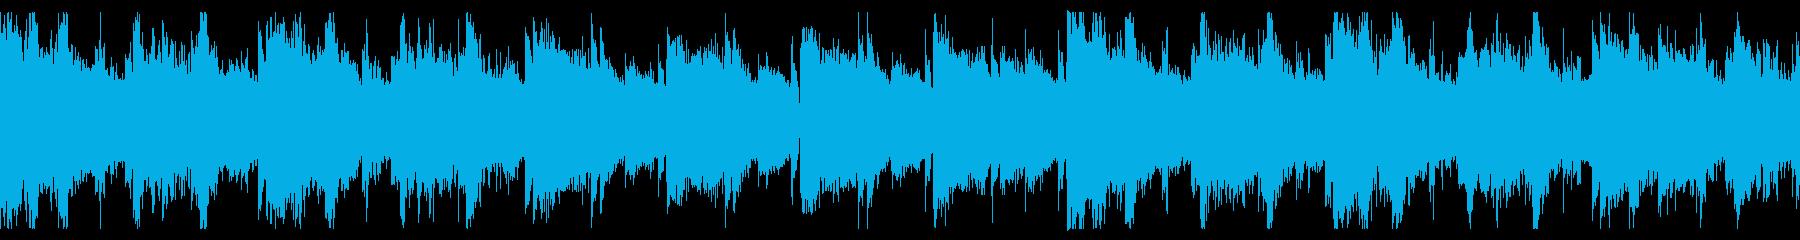 ソフトパッドとマリンバパッドは、こ...の再生済みの波形